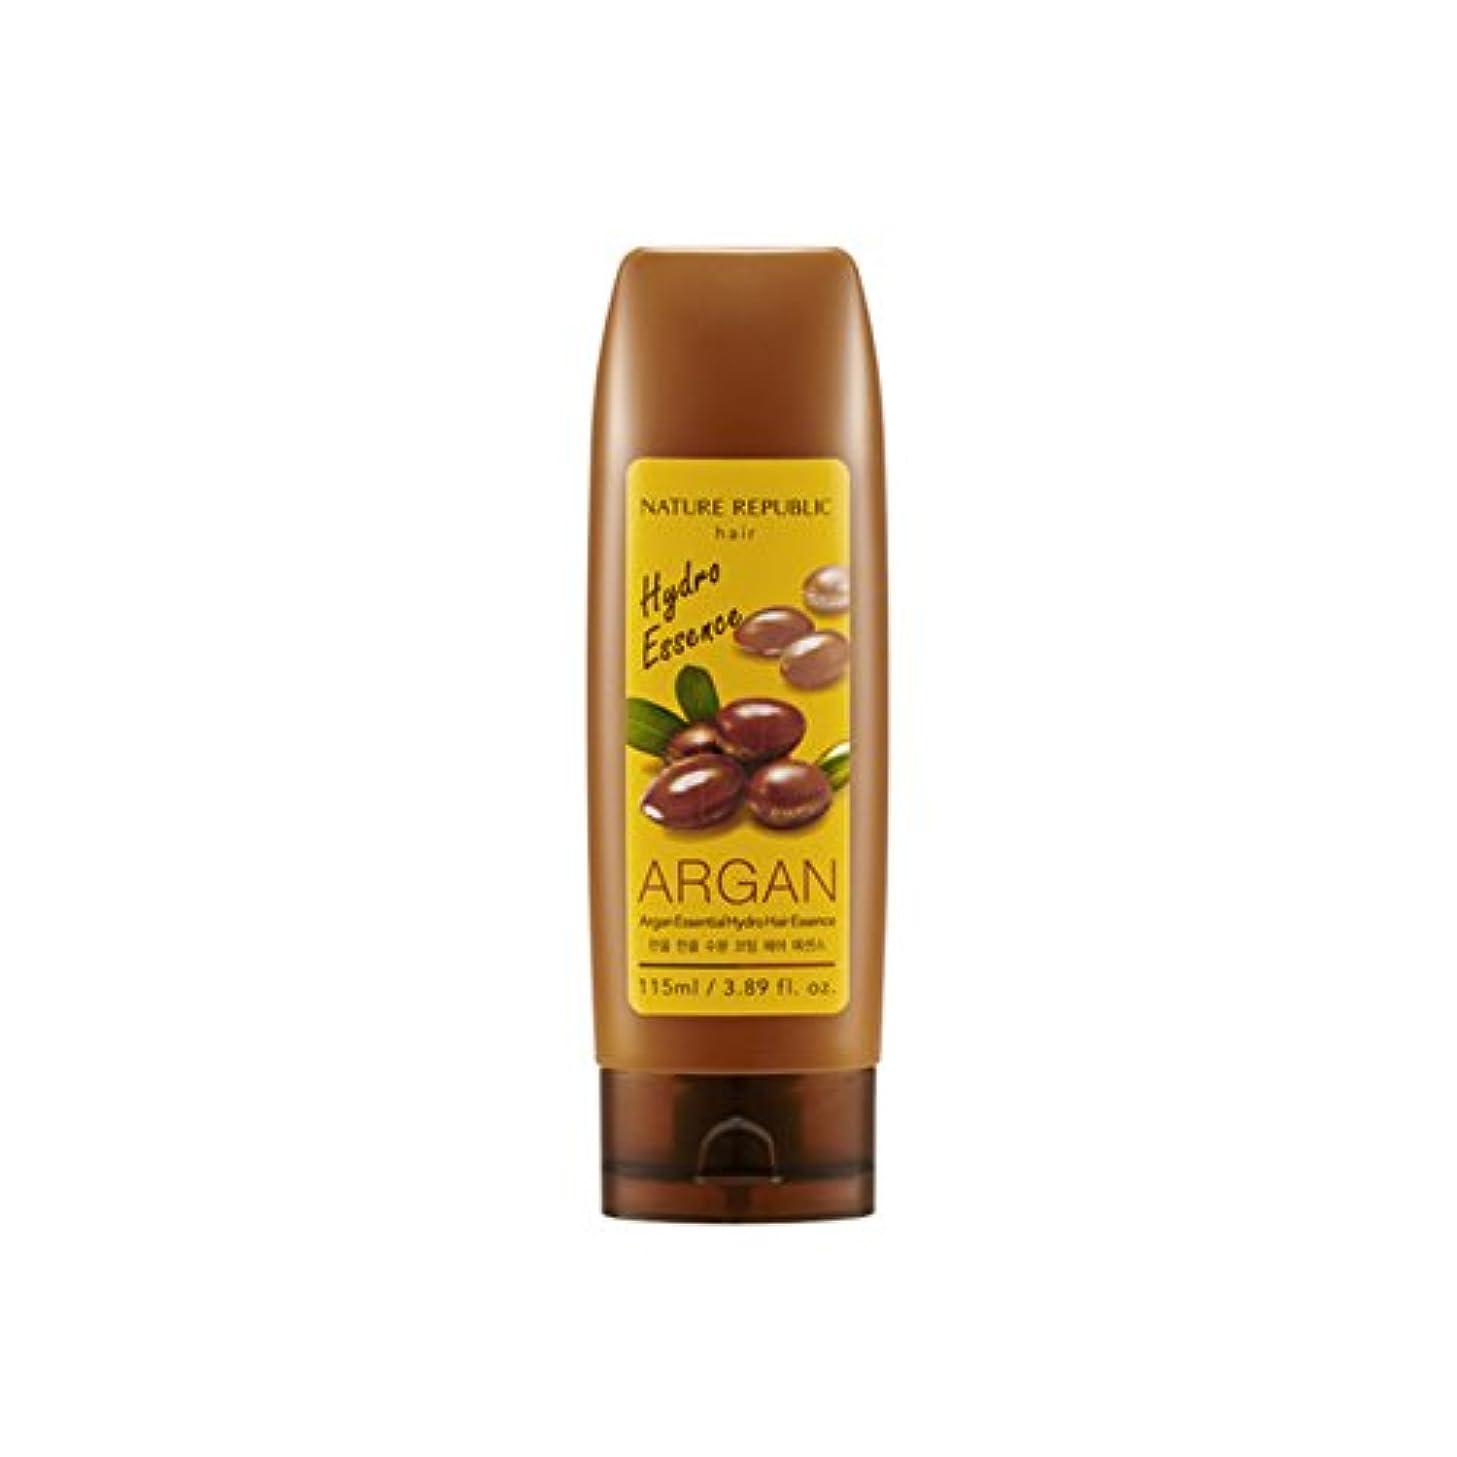 アルバム醸造所少し[ネイチャーリパブリック] Nature Republic アルガンエッセンシャルハイドロヘアエッセンス Argan Essential Hydro Hair Essence Treatment [並行輸入品]